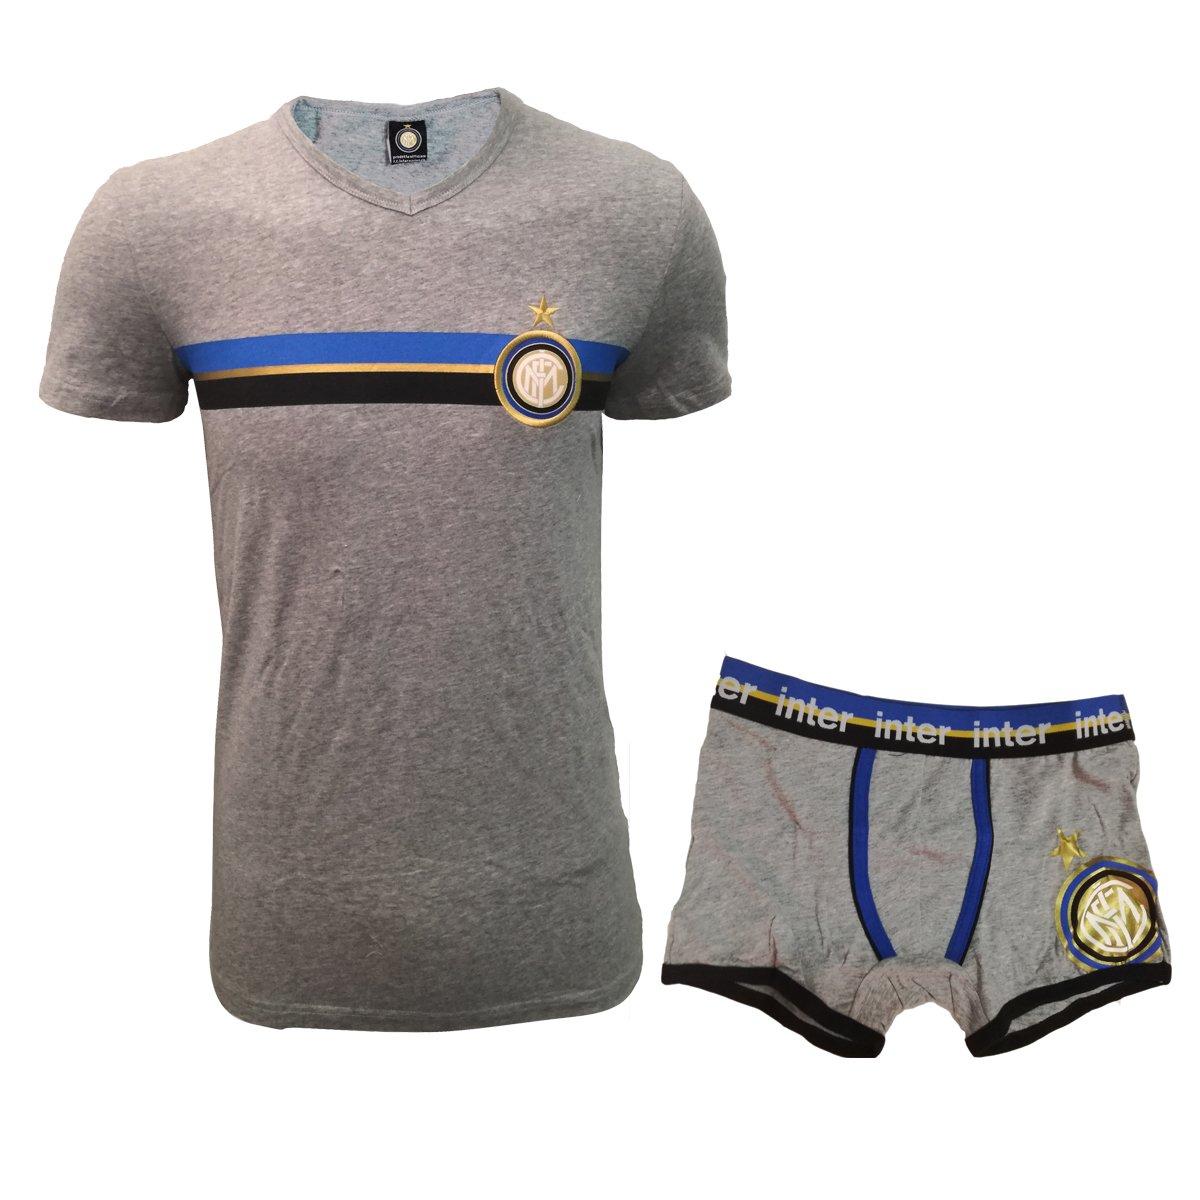 coordinato uomo boxer + t-shirt scollo a V cotone elasticizzato INTER prodotto ufficiale art. IN14004